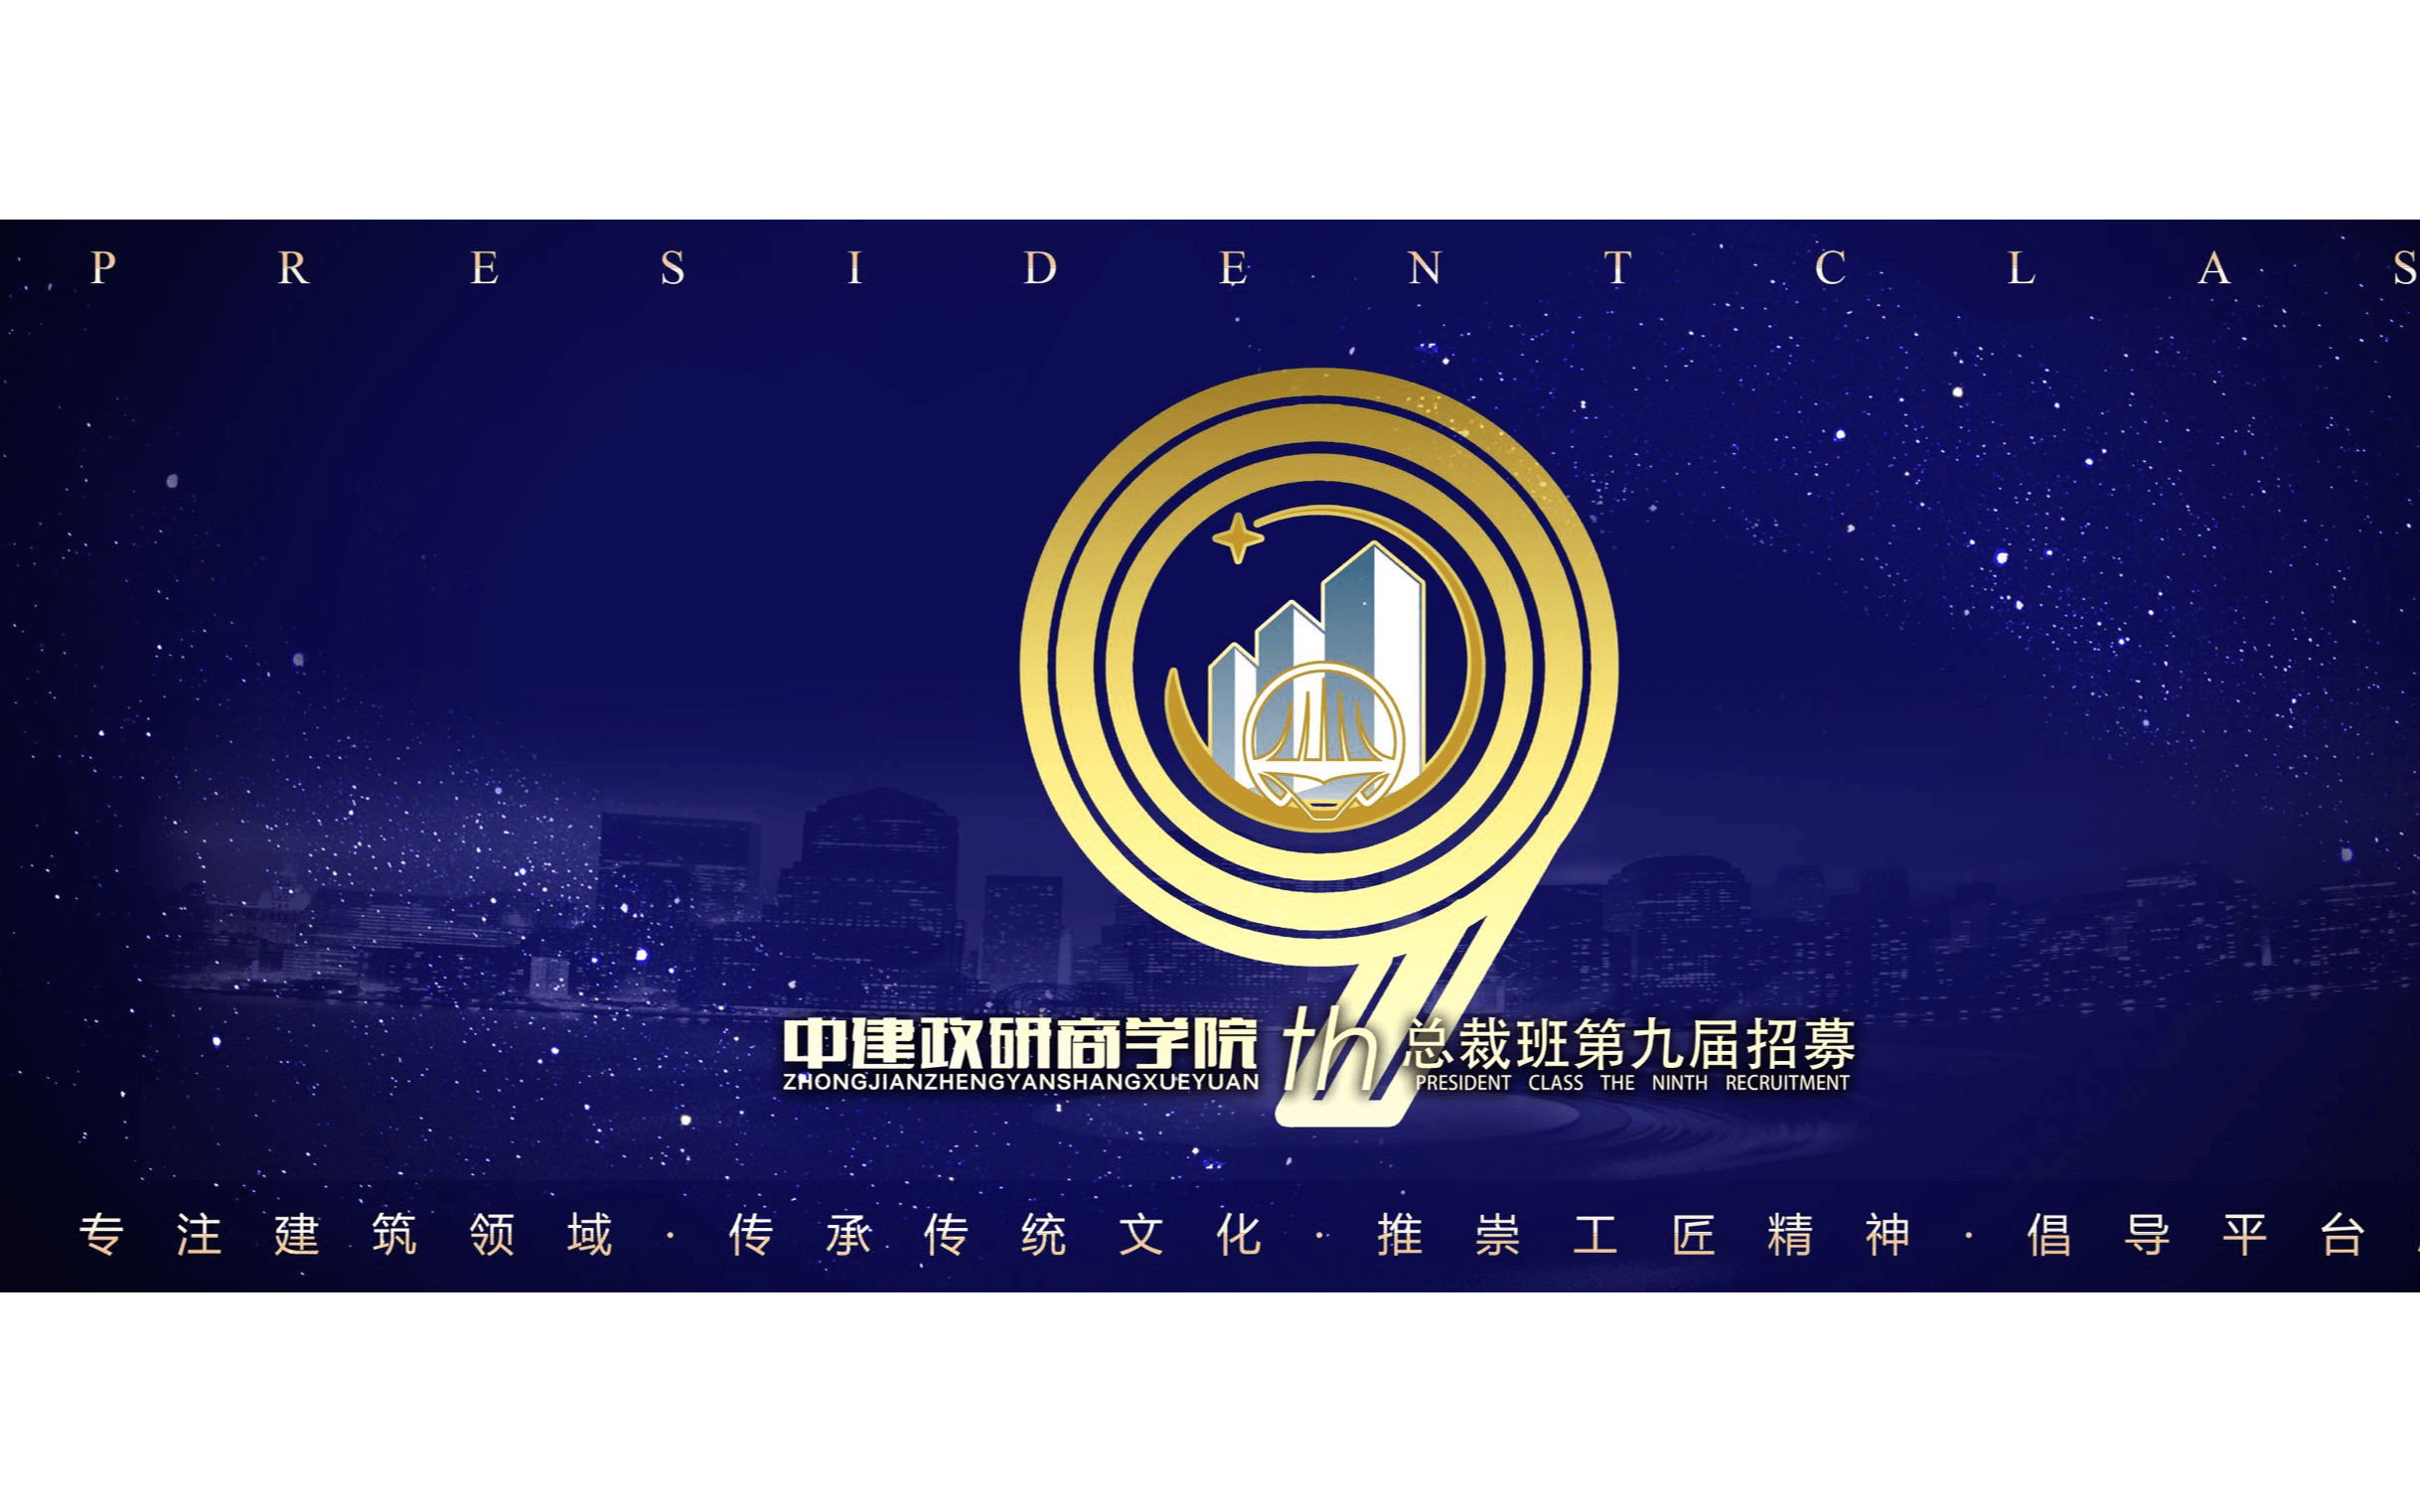 2020中建政研商学院总裁班第九届招募